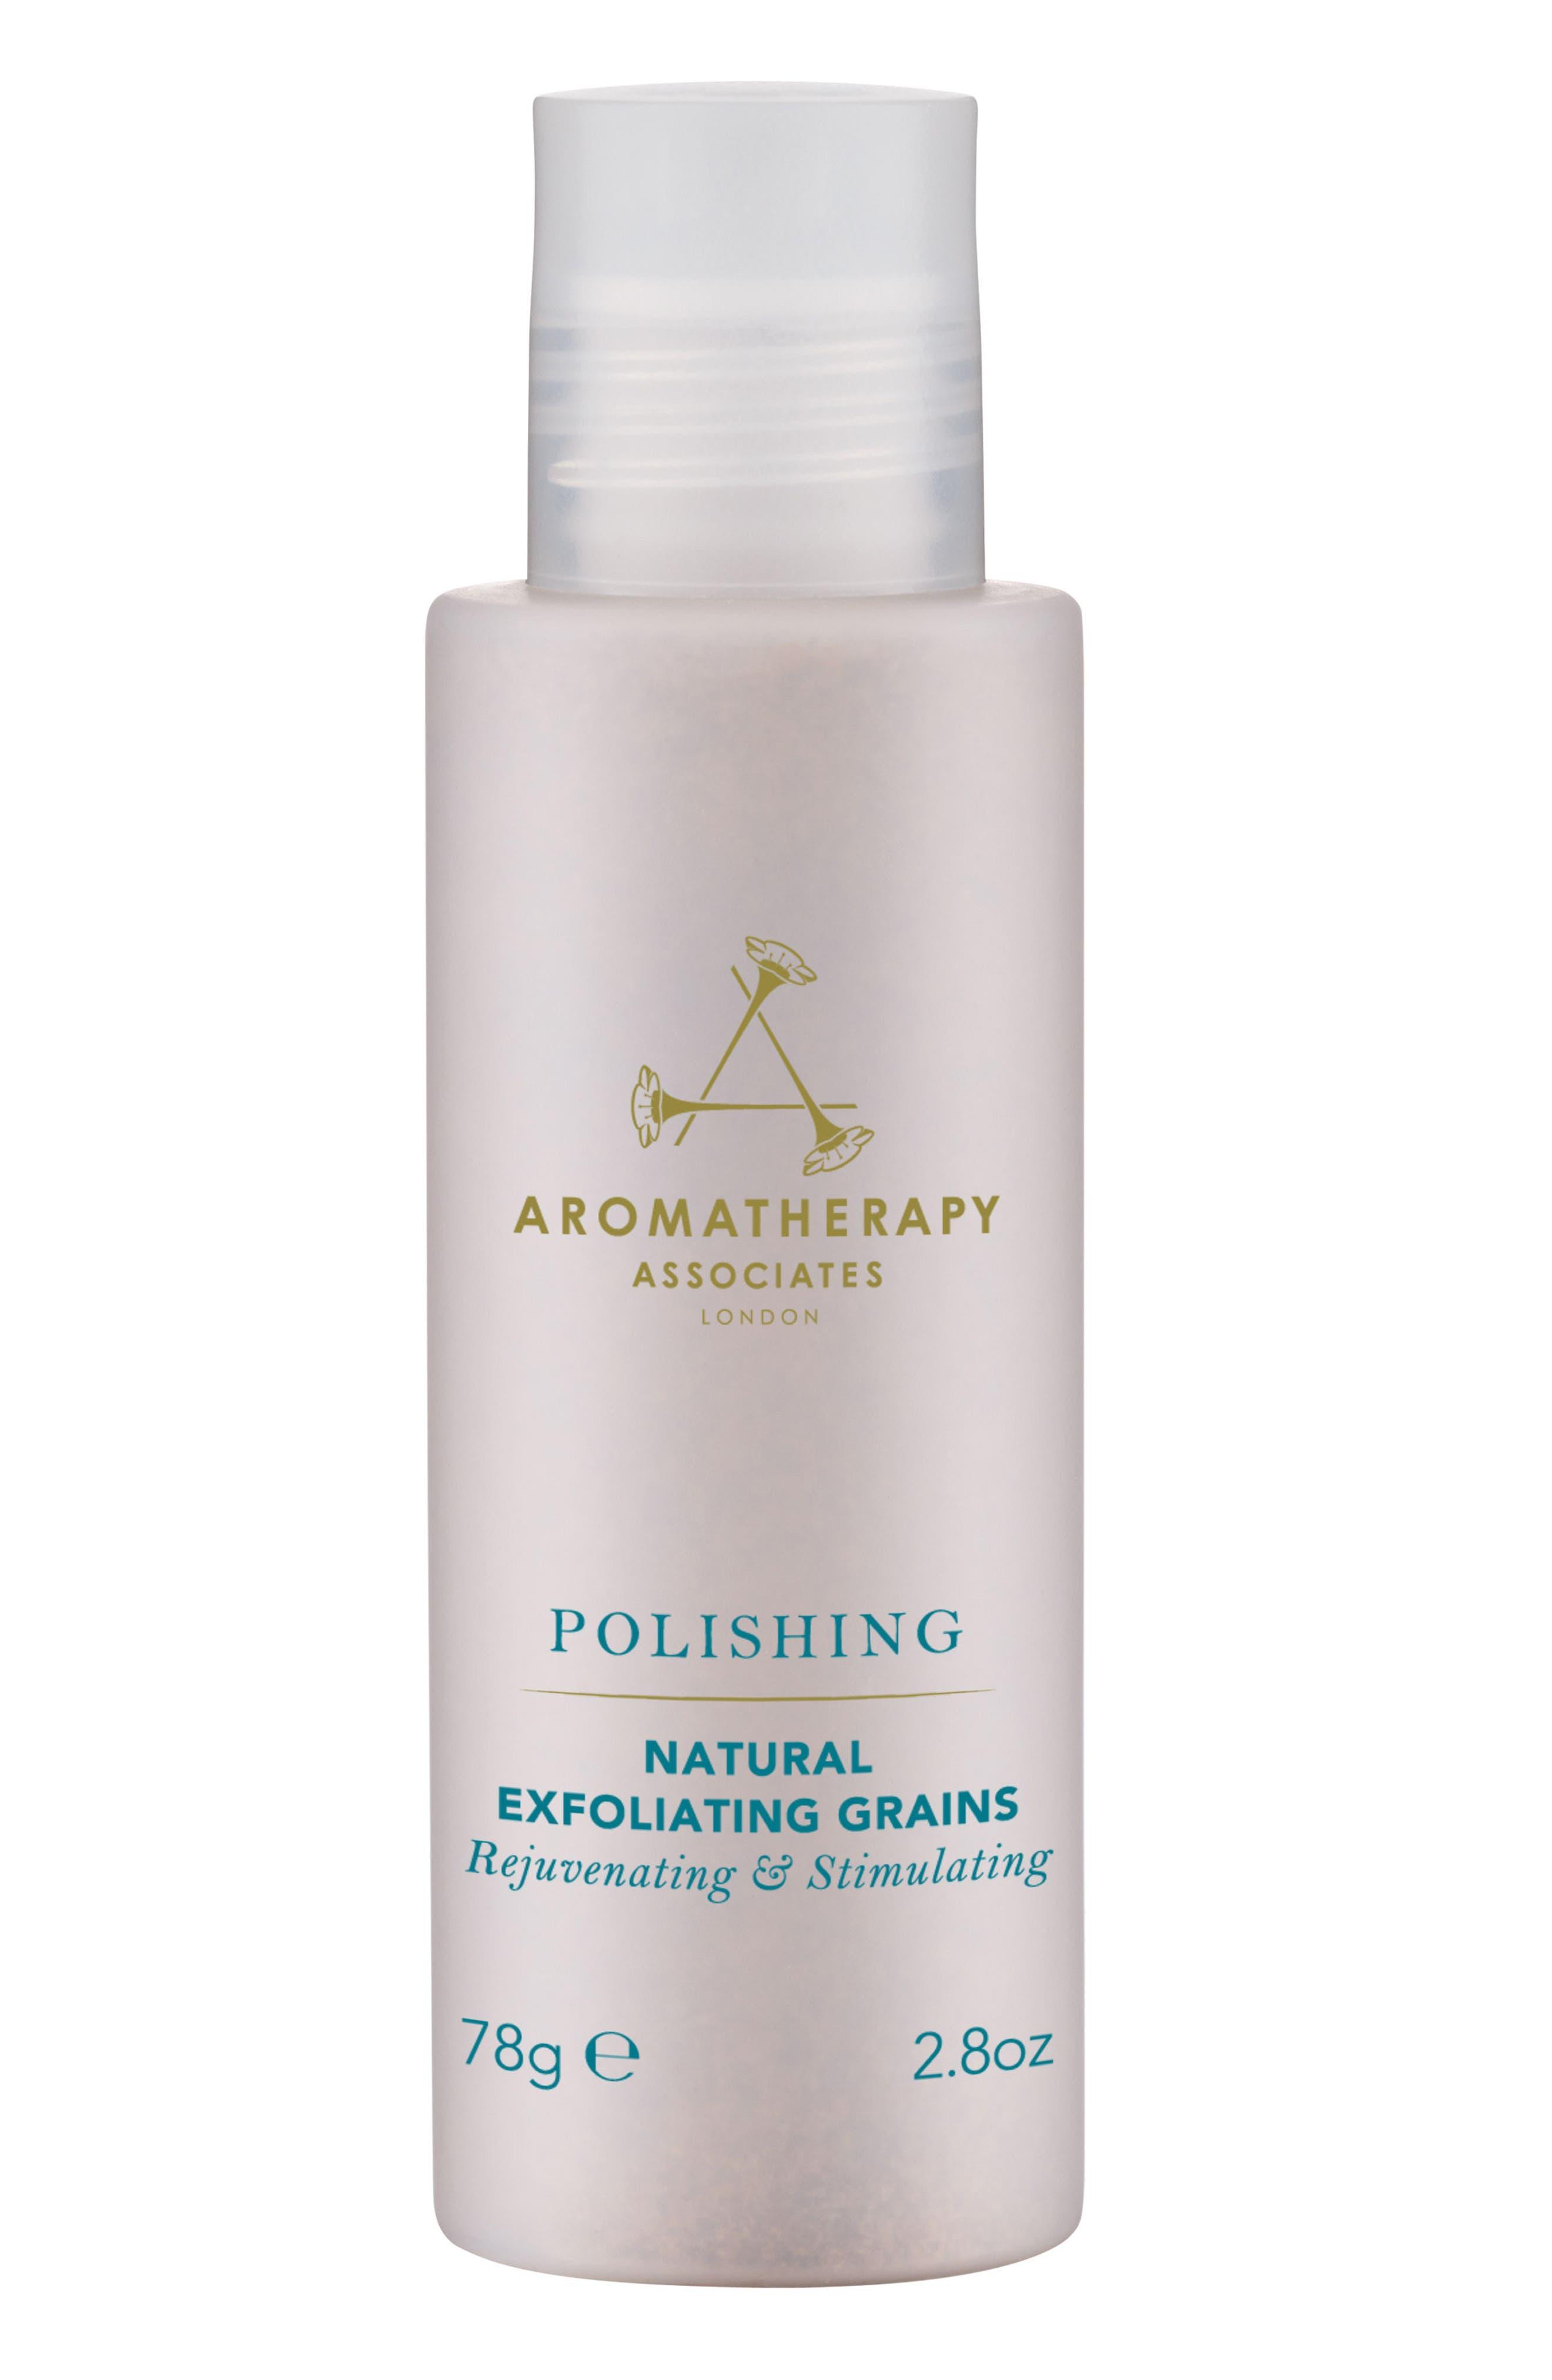 AROMATHERAPY ASSOCIATES Polishing Natural Exfoliating Scrub